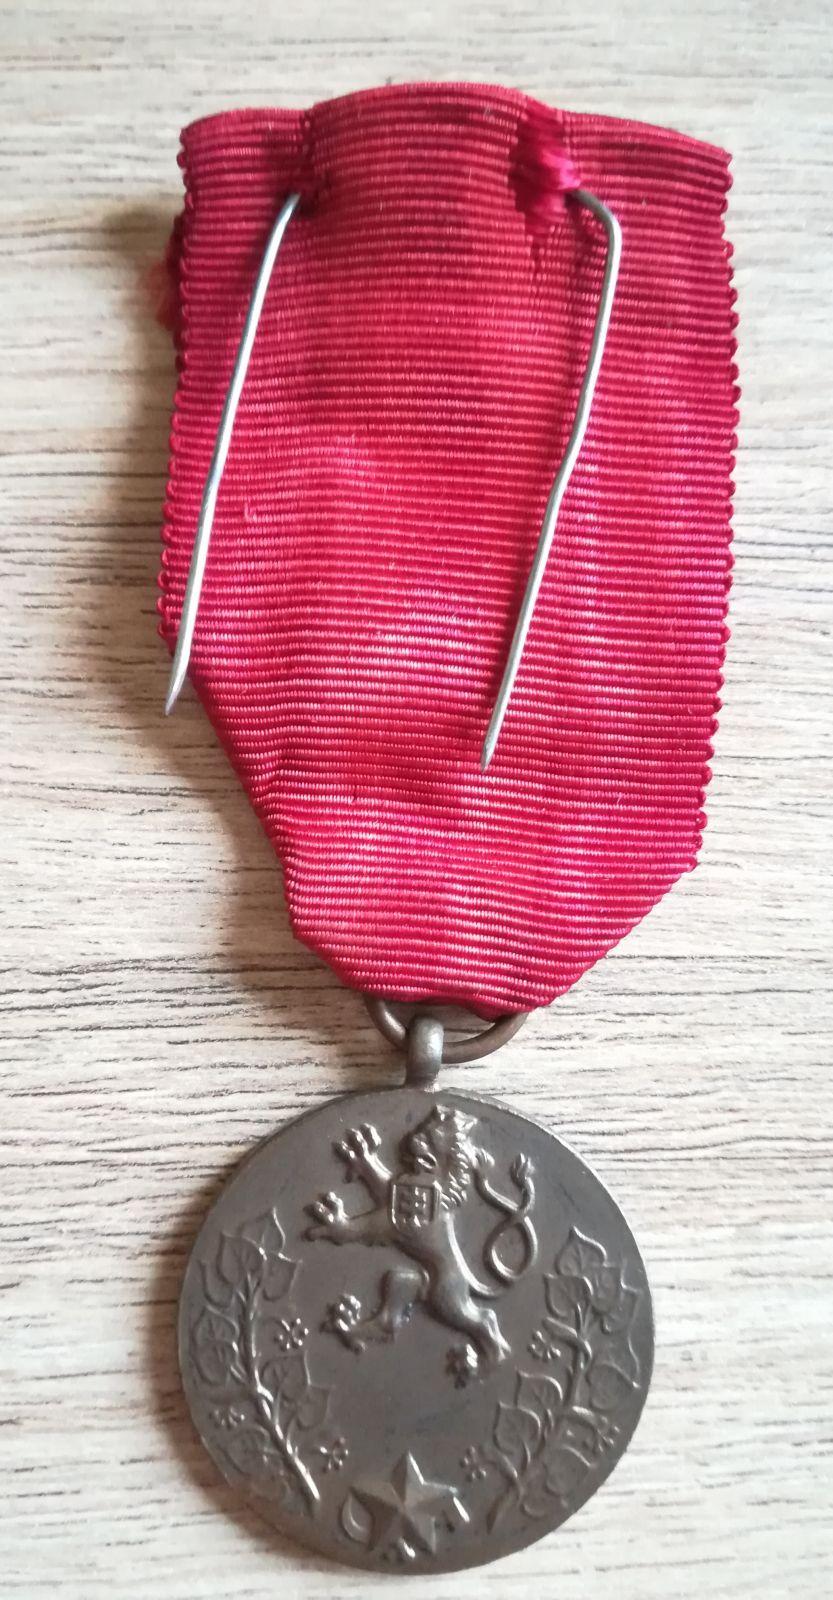 Medaile Za službu vlasti, I. vydání, s dekretem prezidenta A.Zápotockého